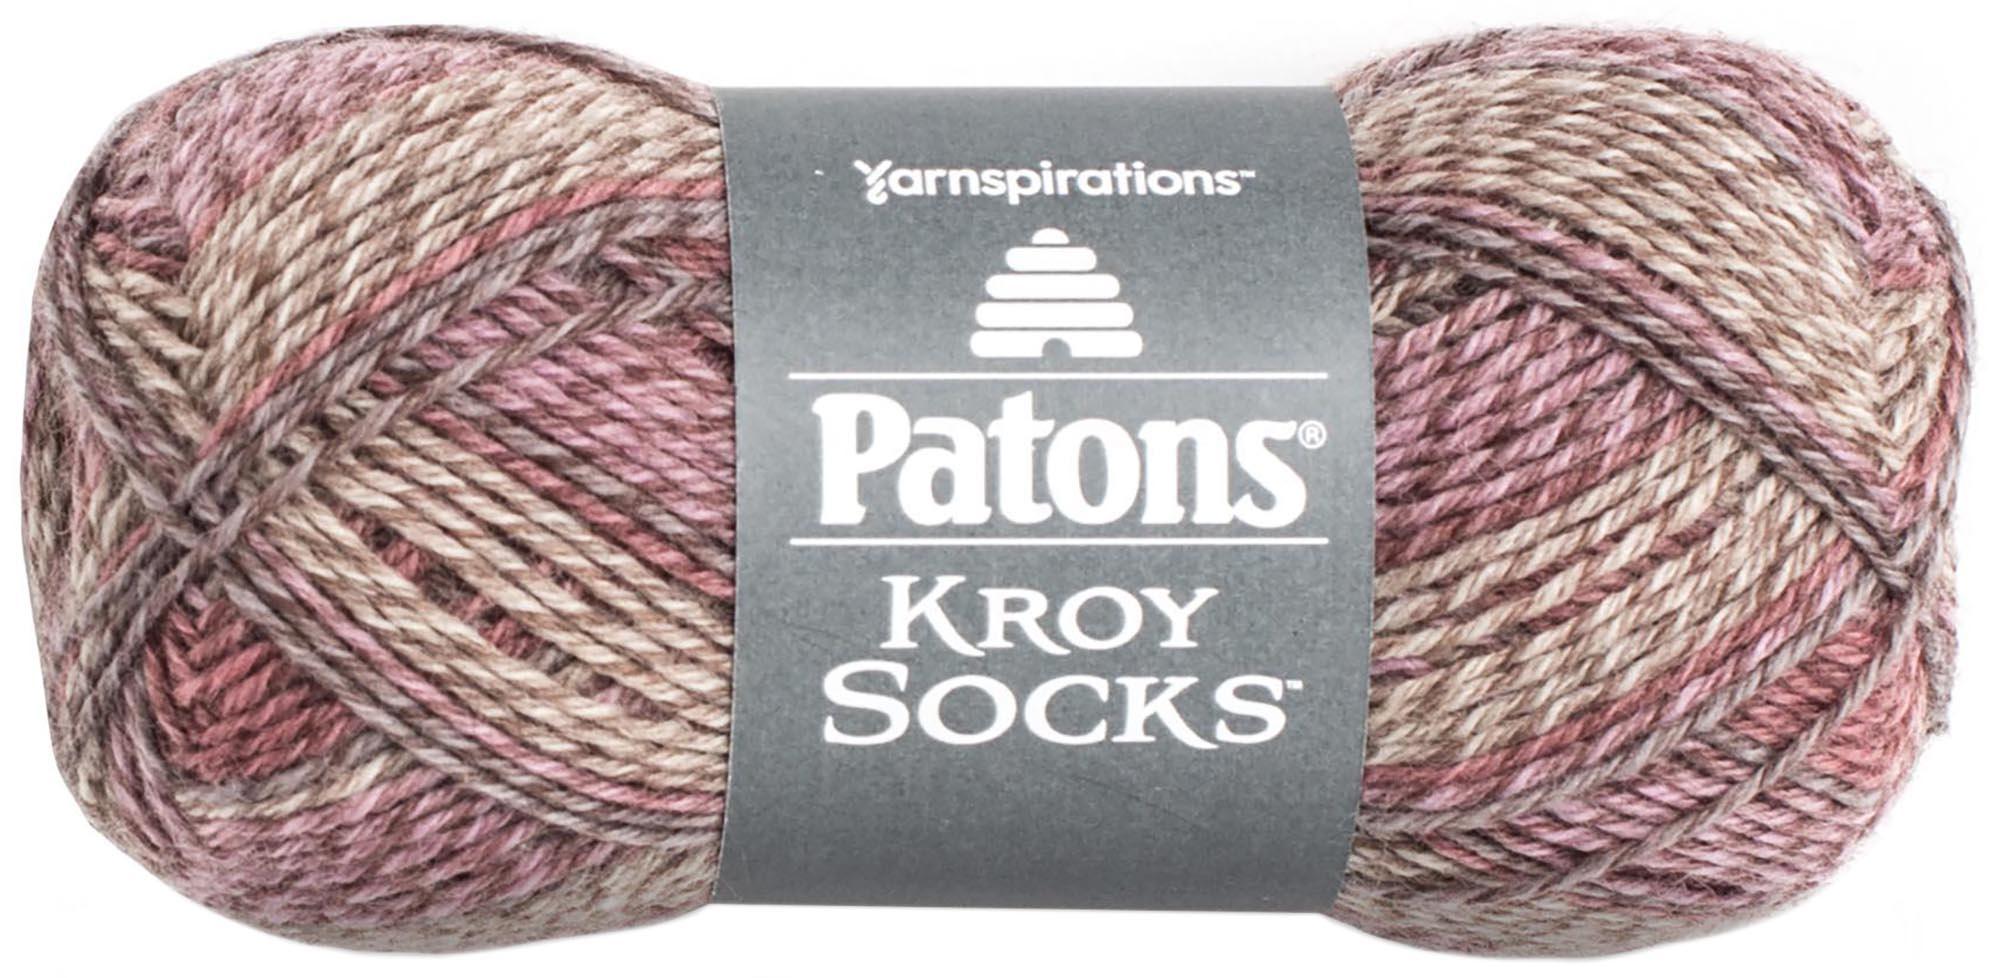 Kroy-Socks-Yarn-Brown-Rose-Marl